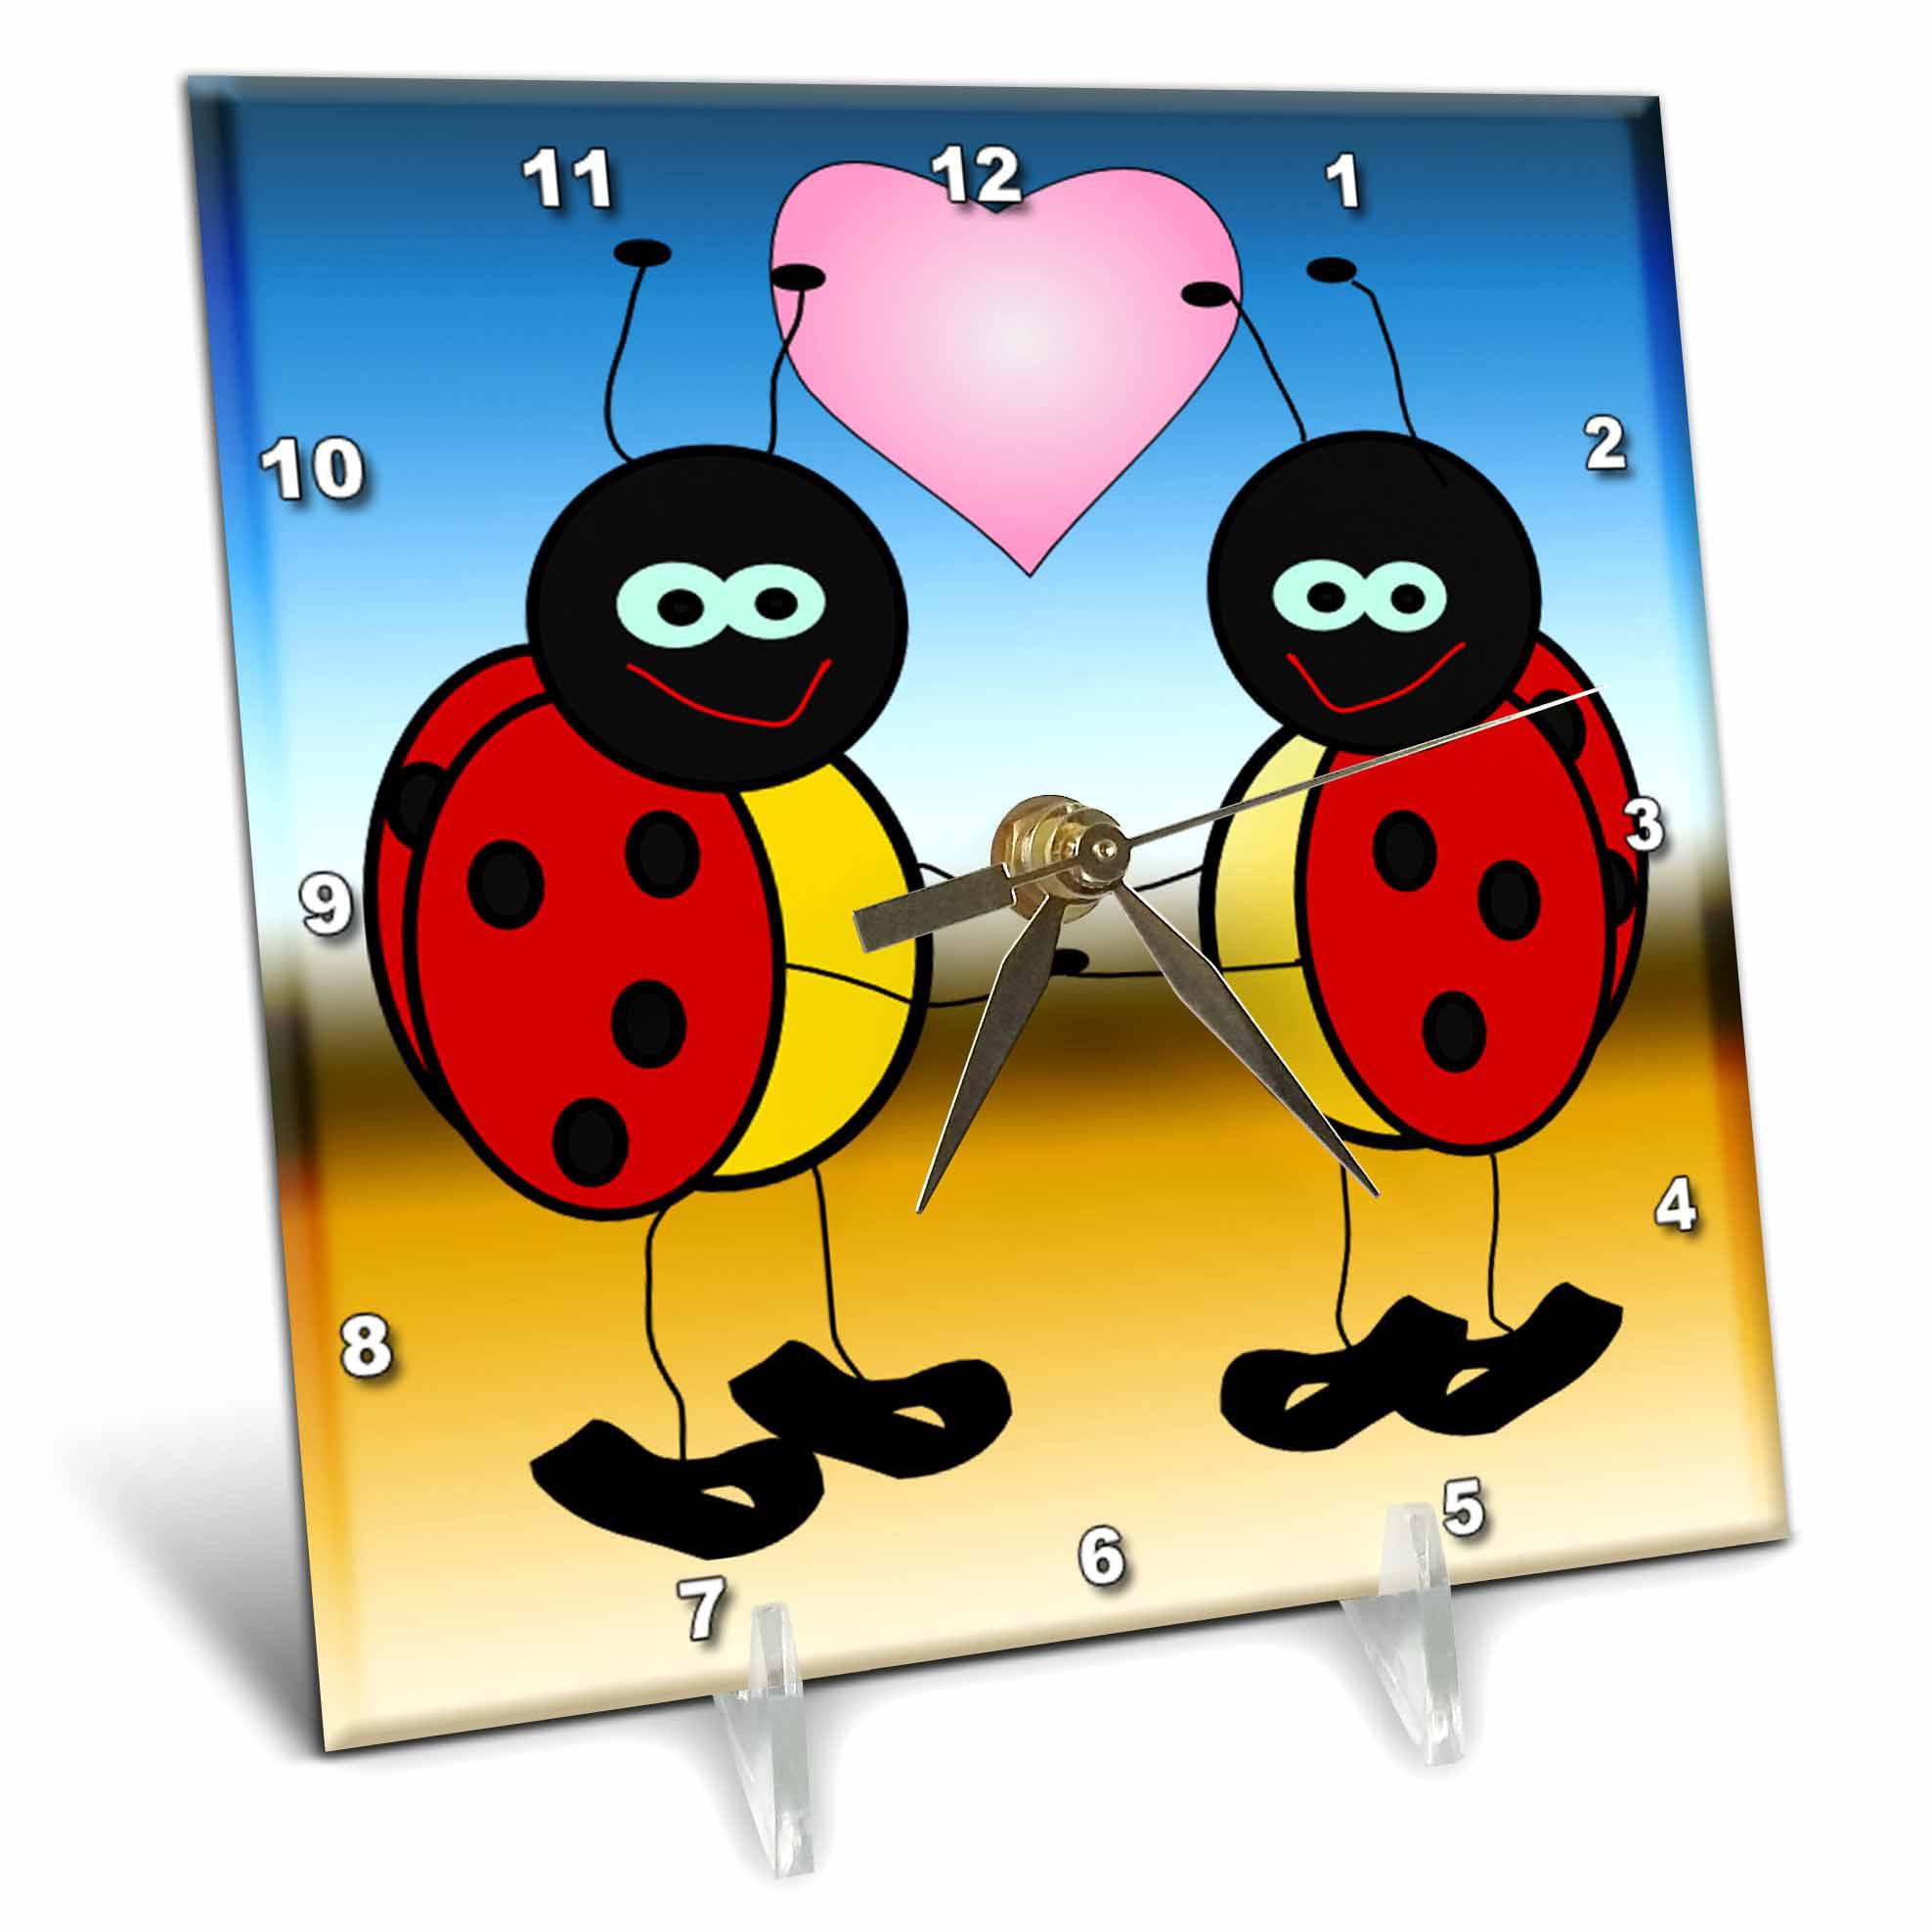 3dRose Lady Bugs in Love Cartoon, Desk Clock, 6 by 6-inch by 3dRose